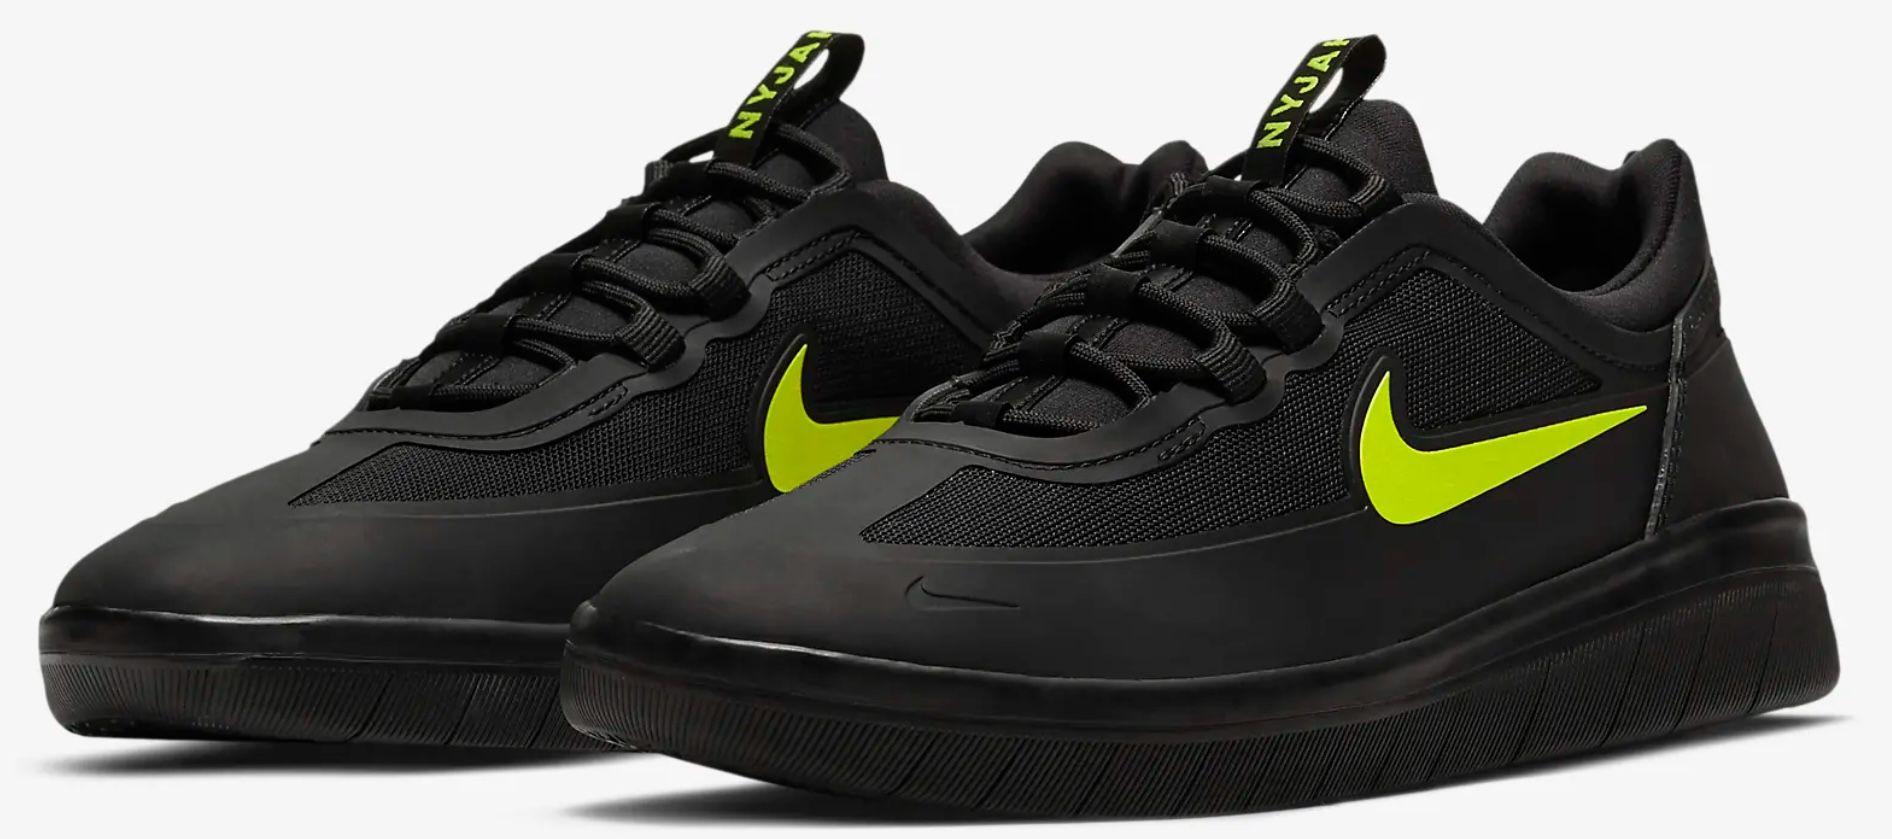 Nike SB Nyjah Free 2 Skateboardschuhe für 56,97€ (statt 95€)   nur 36 bis 42.5